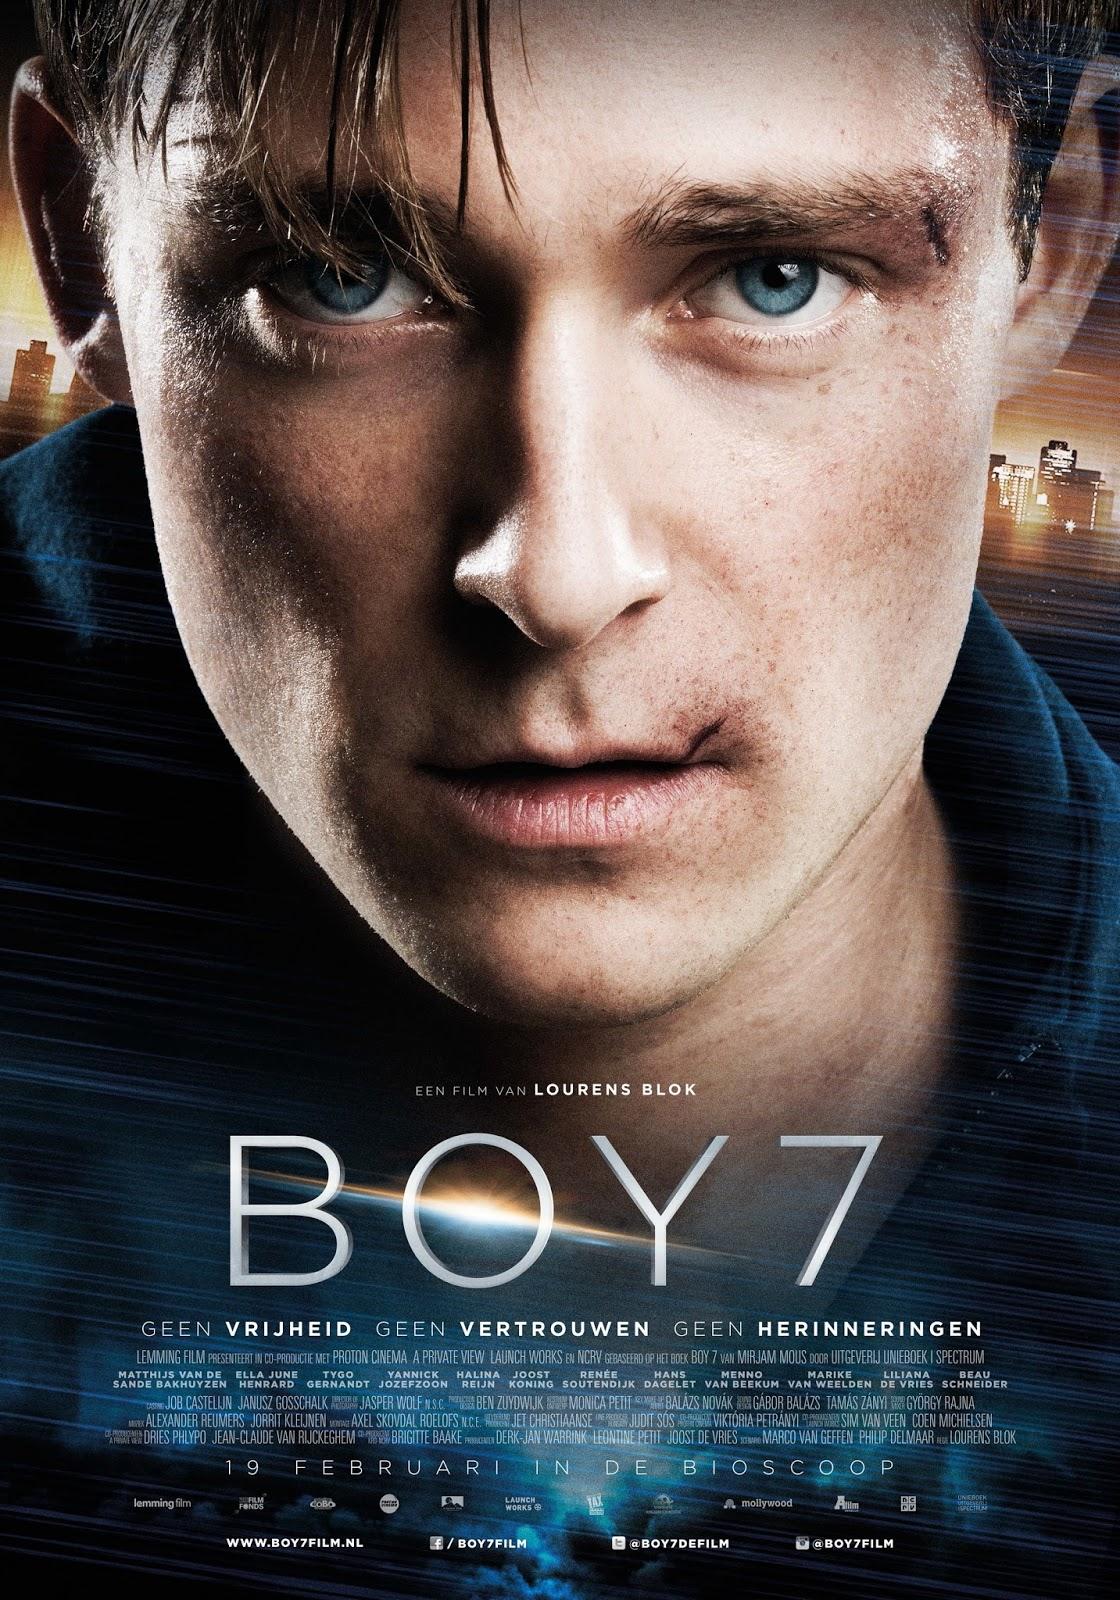 Boy 7 ผ่าแผนลับองค์กรร้าย [HD][พากย์ไทย]